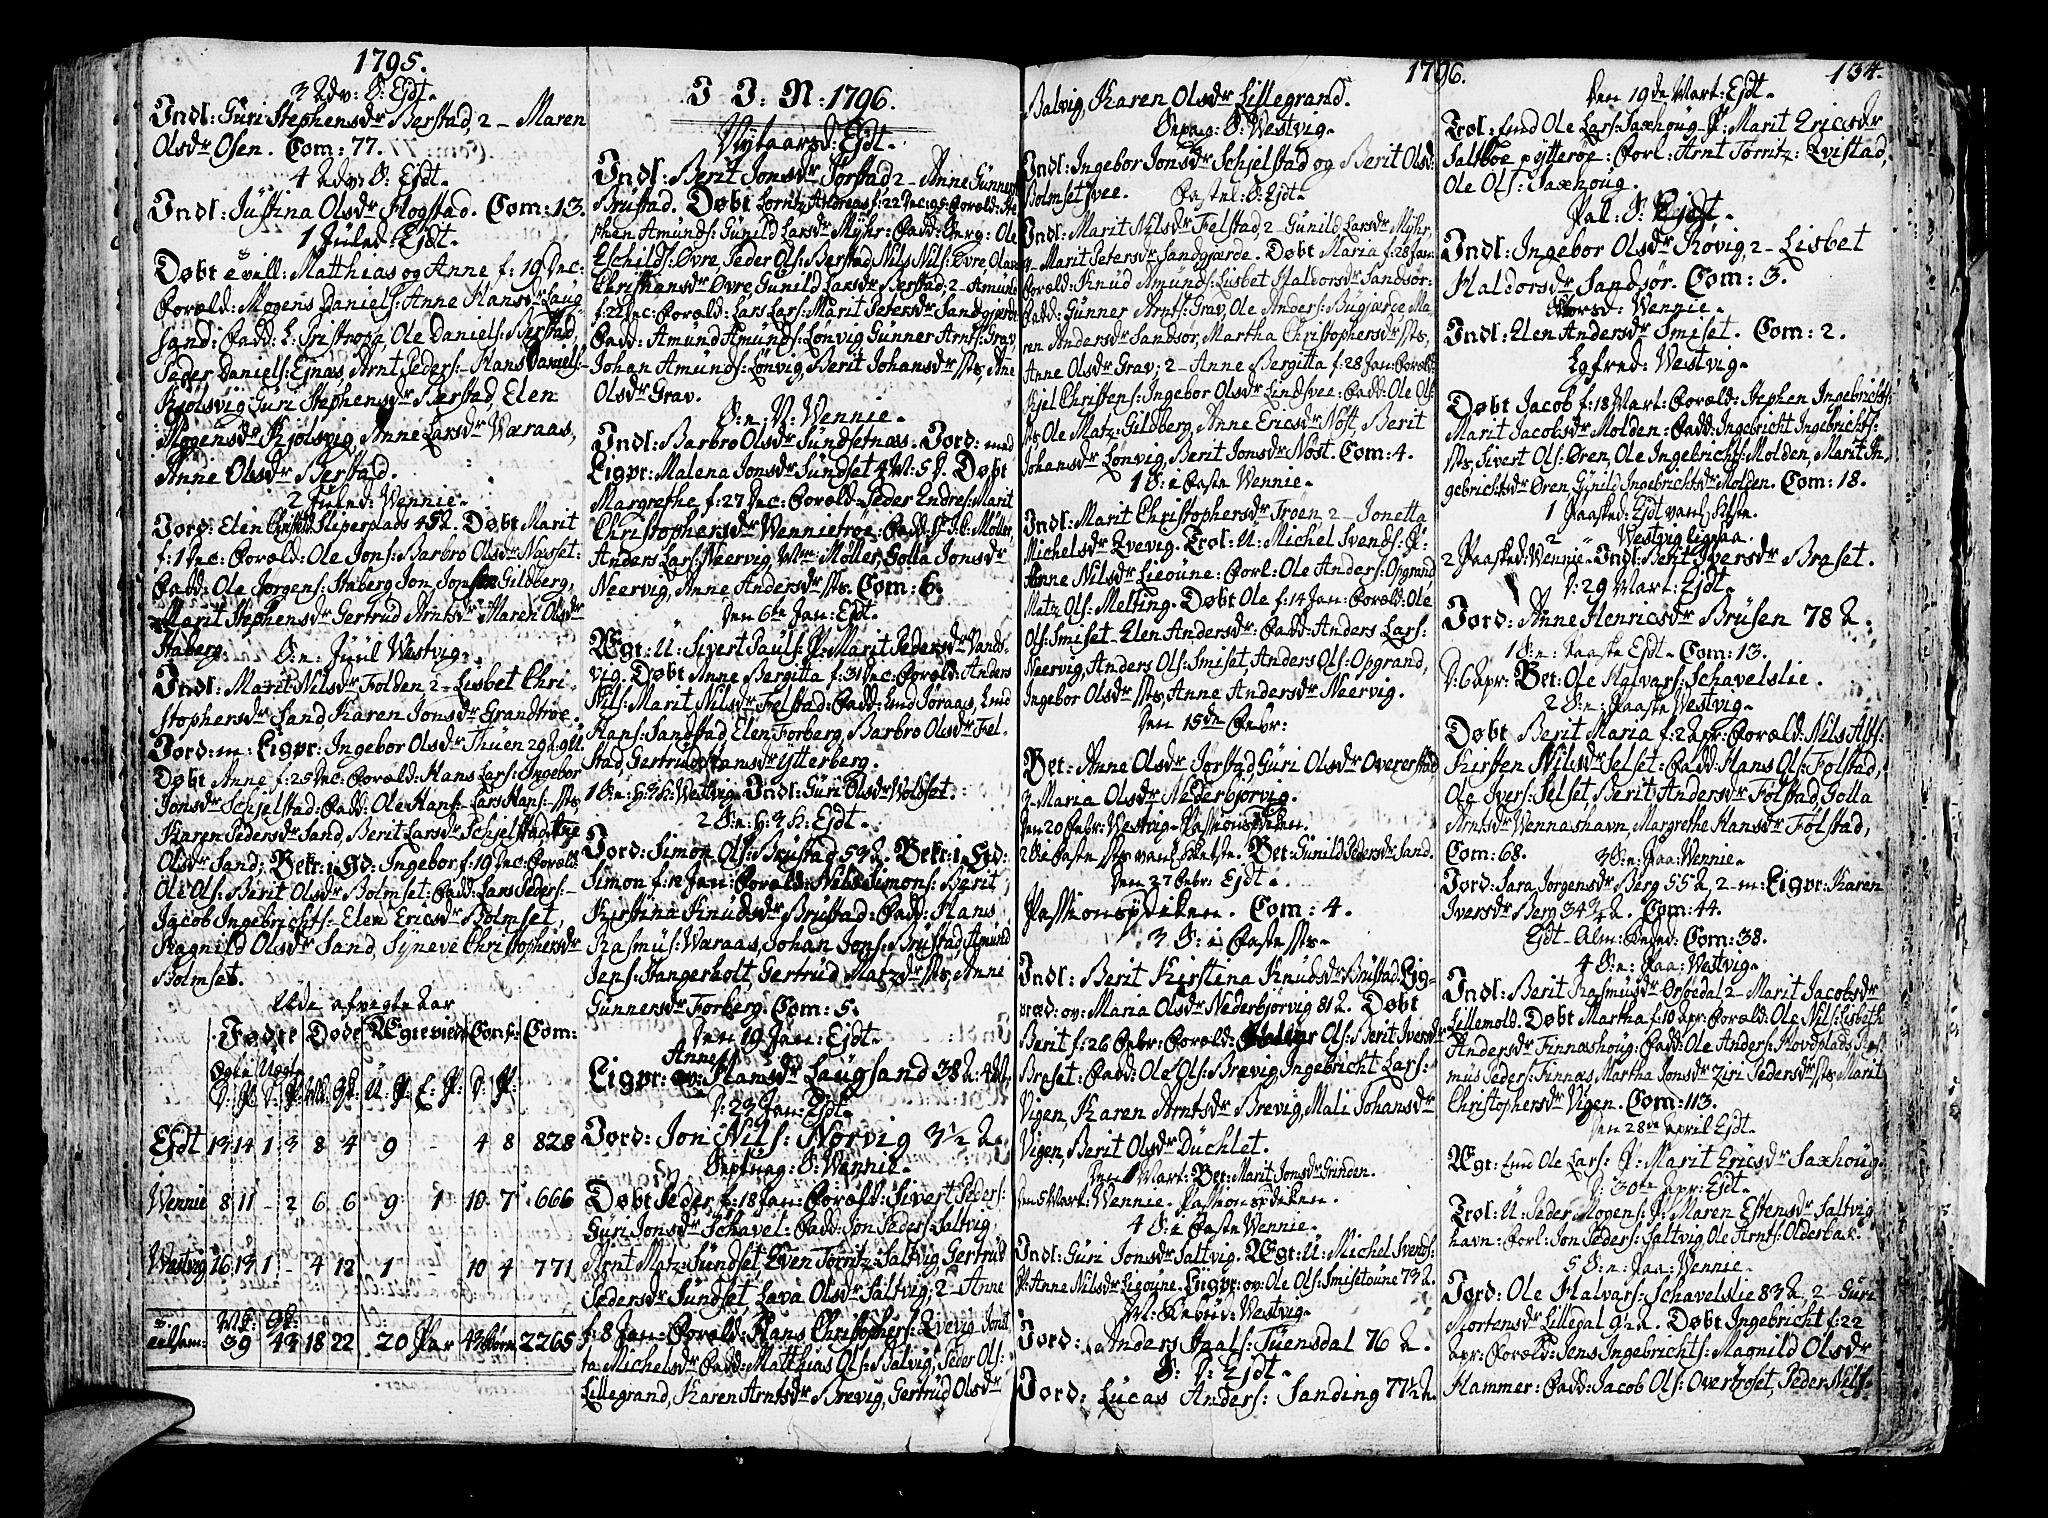 SAT, Ministerialprotokoller, klokkerbøker og fødselsregistre - Nord-Trøndelag, 722/L0216: Ministerialbok nr. 722A03, 1756-1816, s. 134